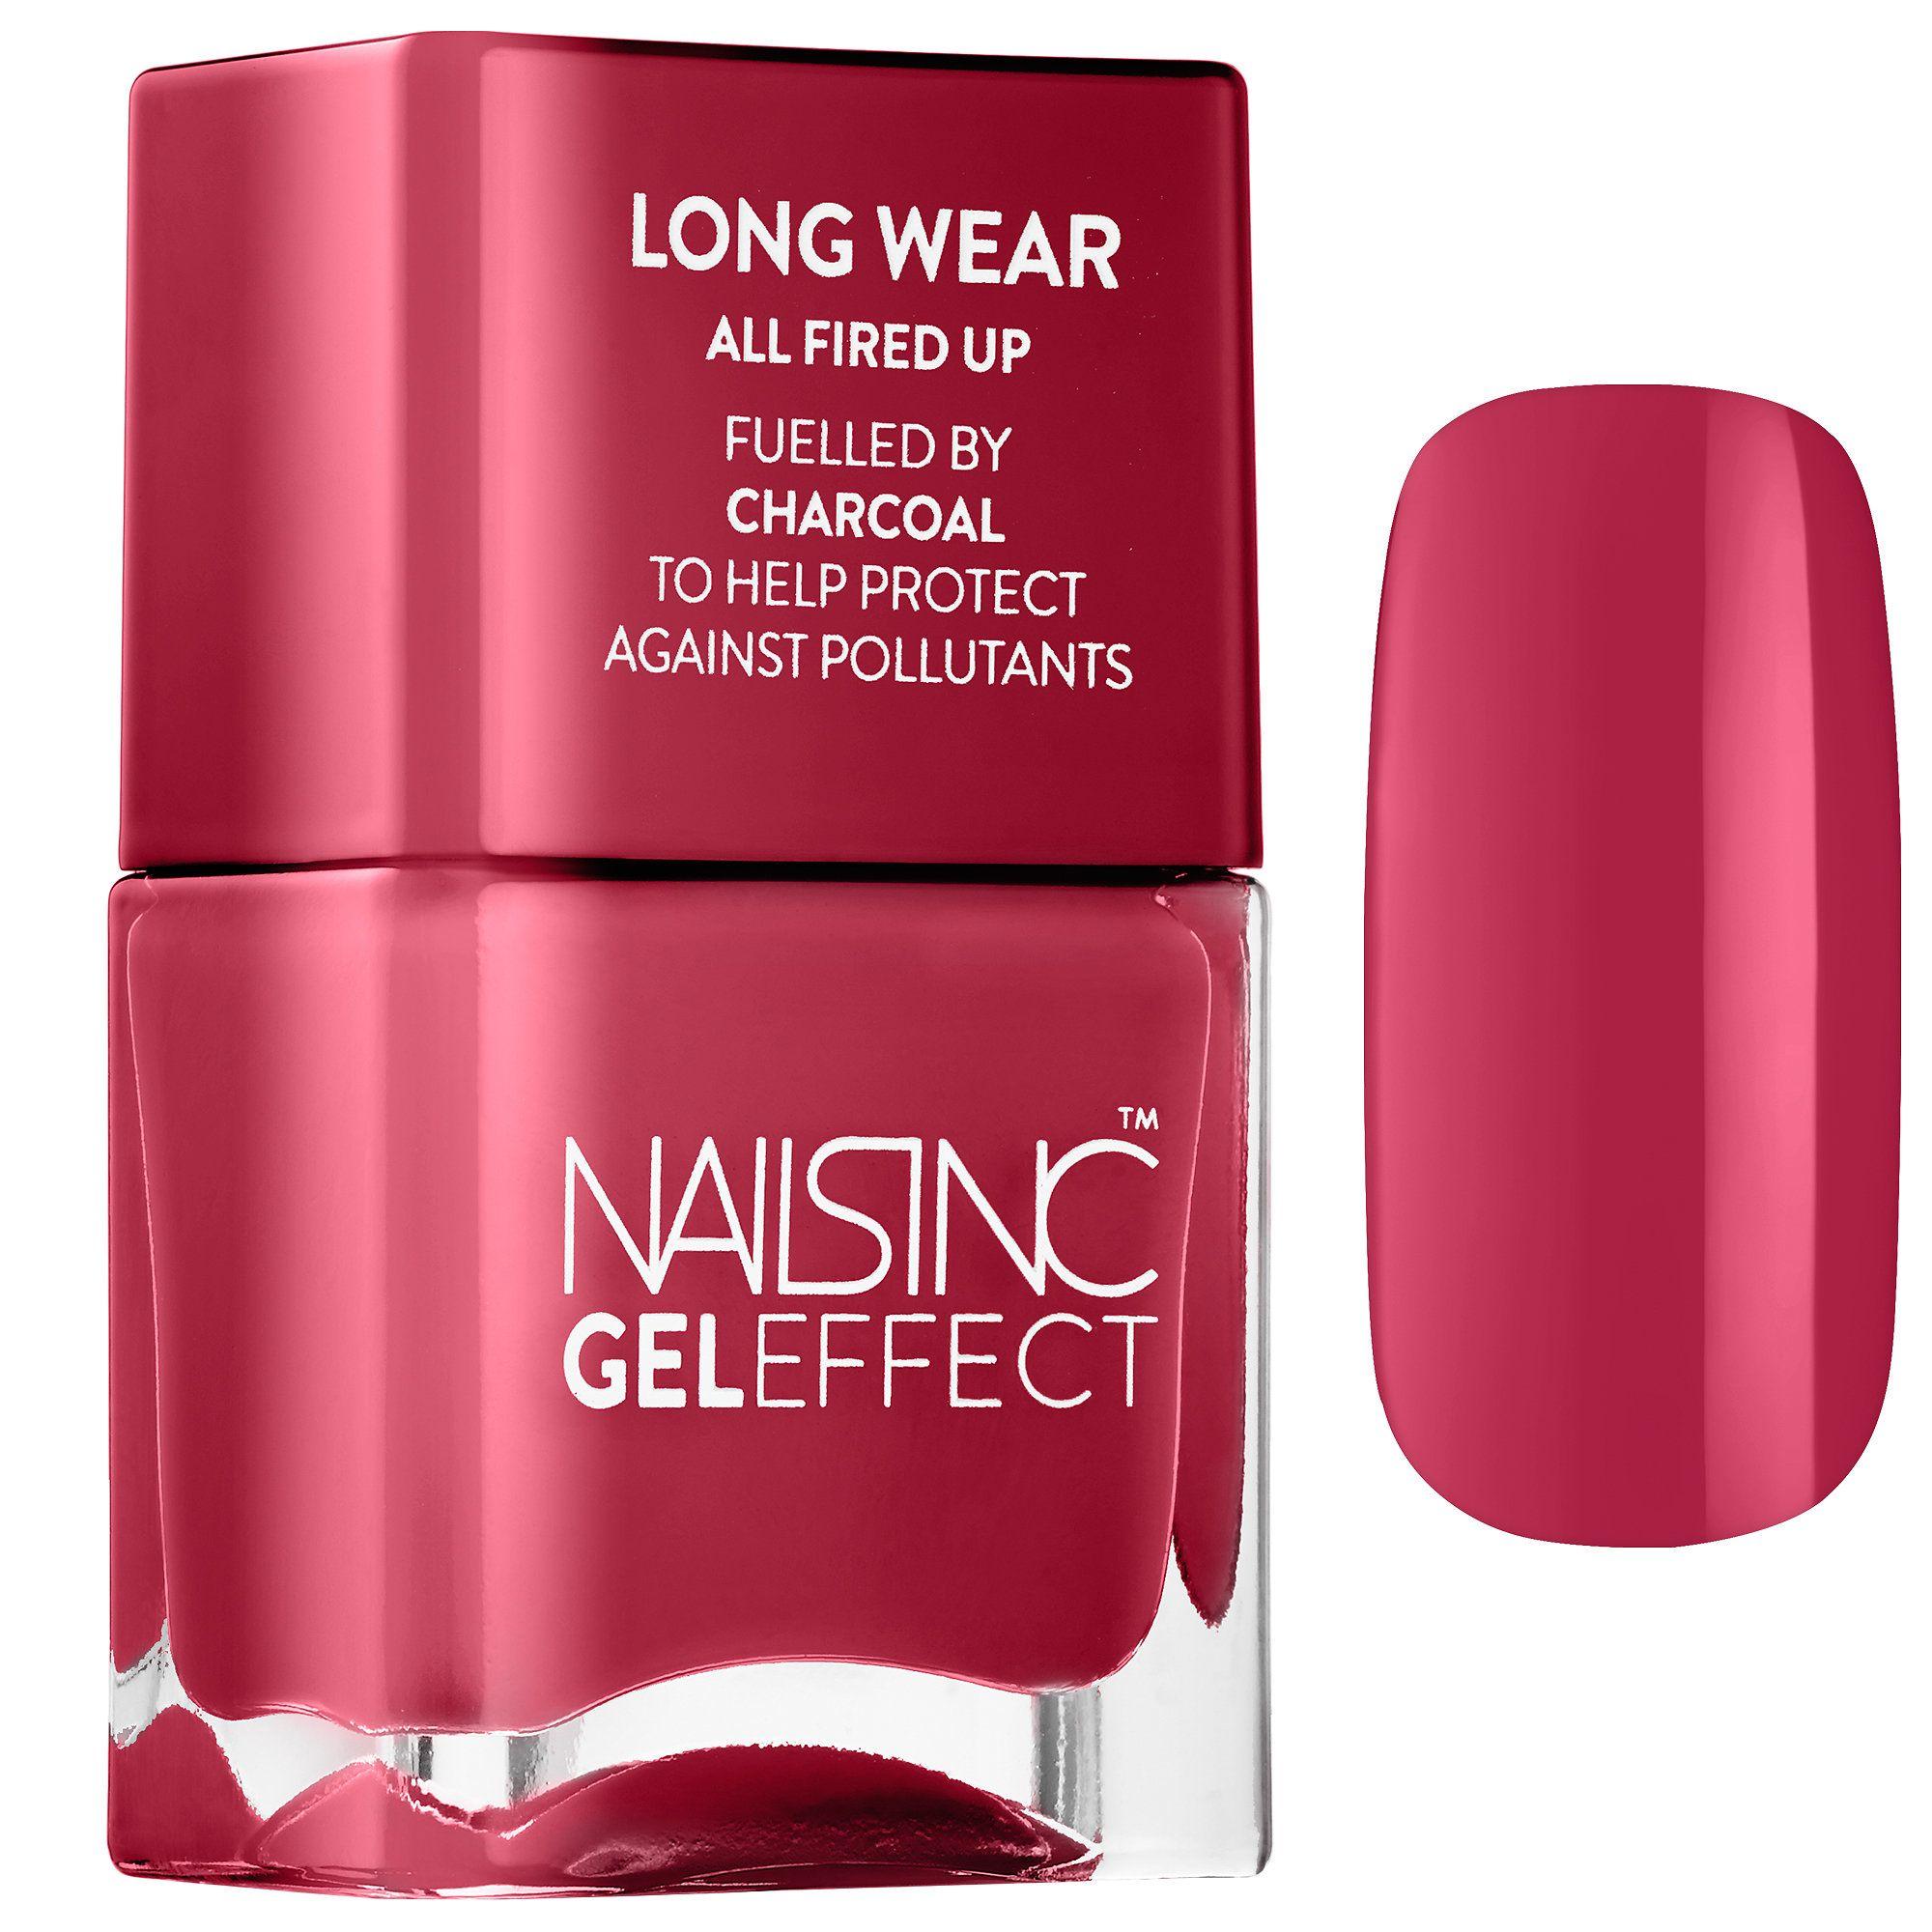 Nails inc gel nail colors and gel nail polish on pinterest - Shop Nails Inc S Nail Polish Fuelled By Charcoal At Sephora This Nail Gel